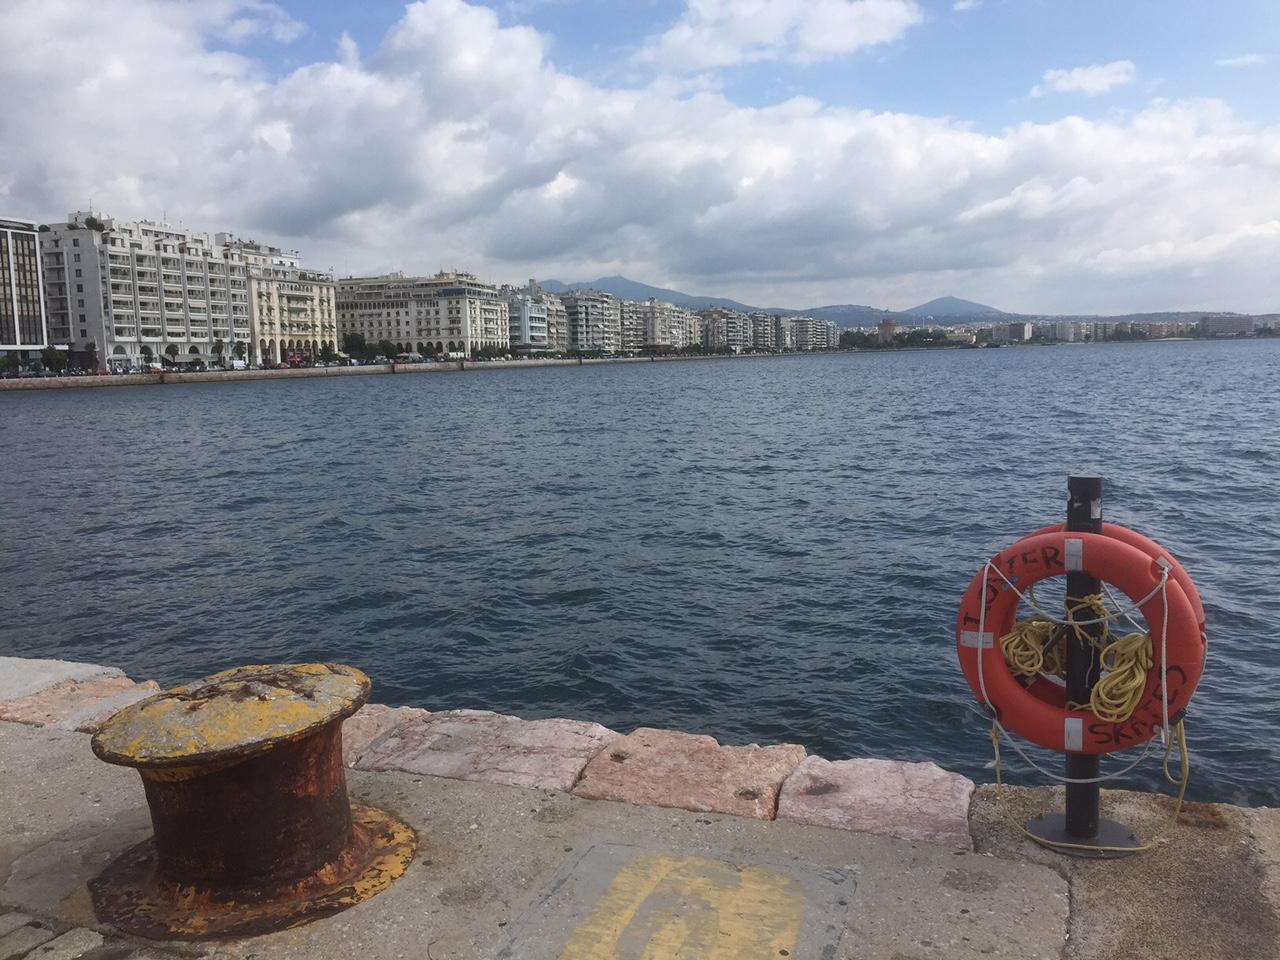 Hafen-Idylle